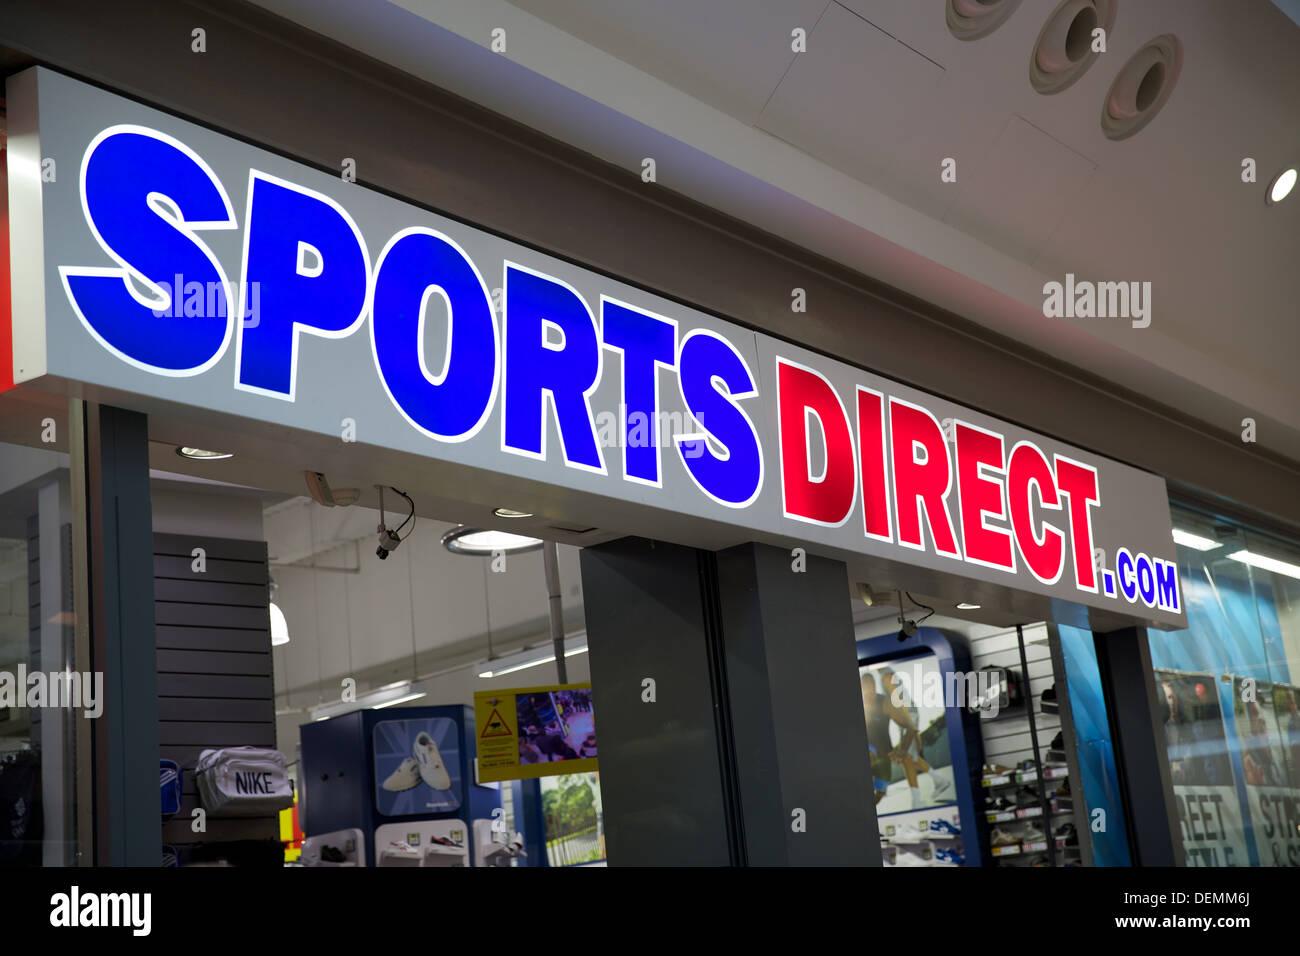 sports-direct-retail-sign-DEMM6J.jpg